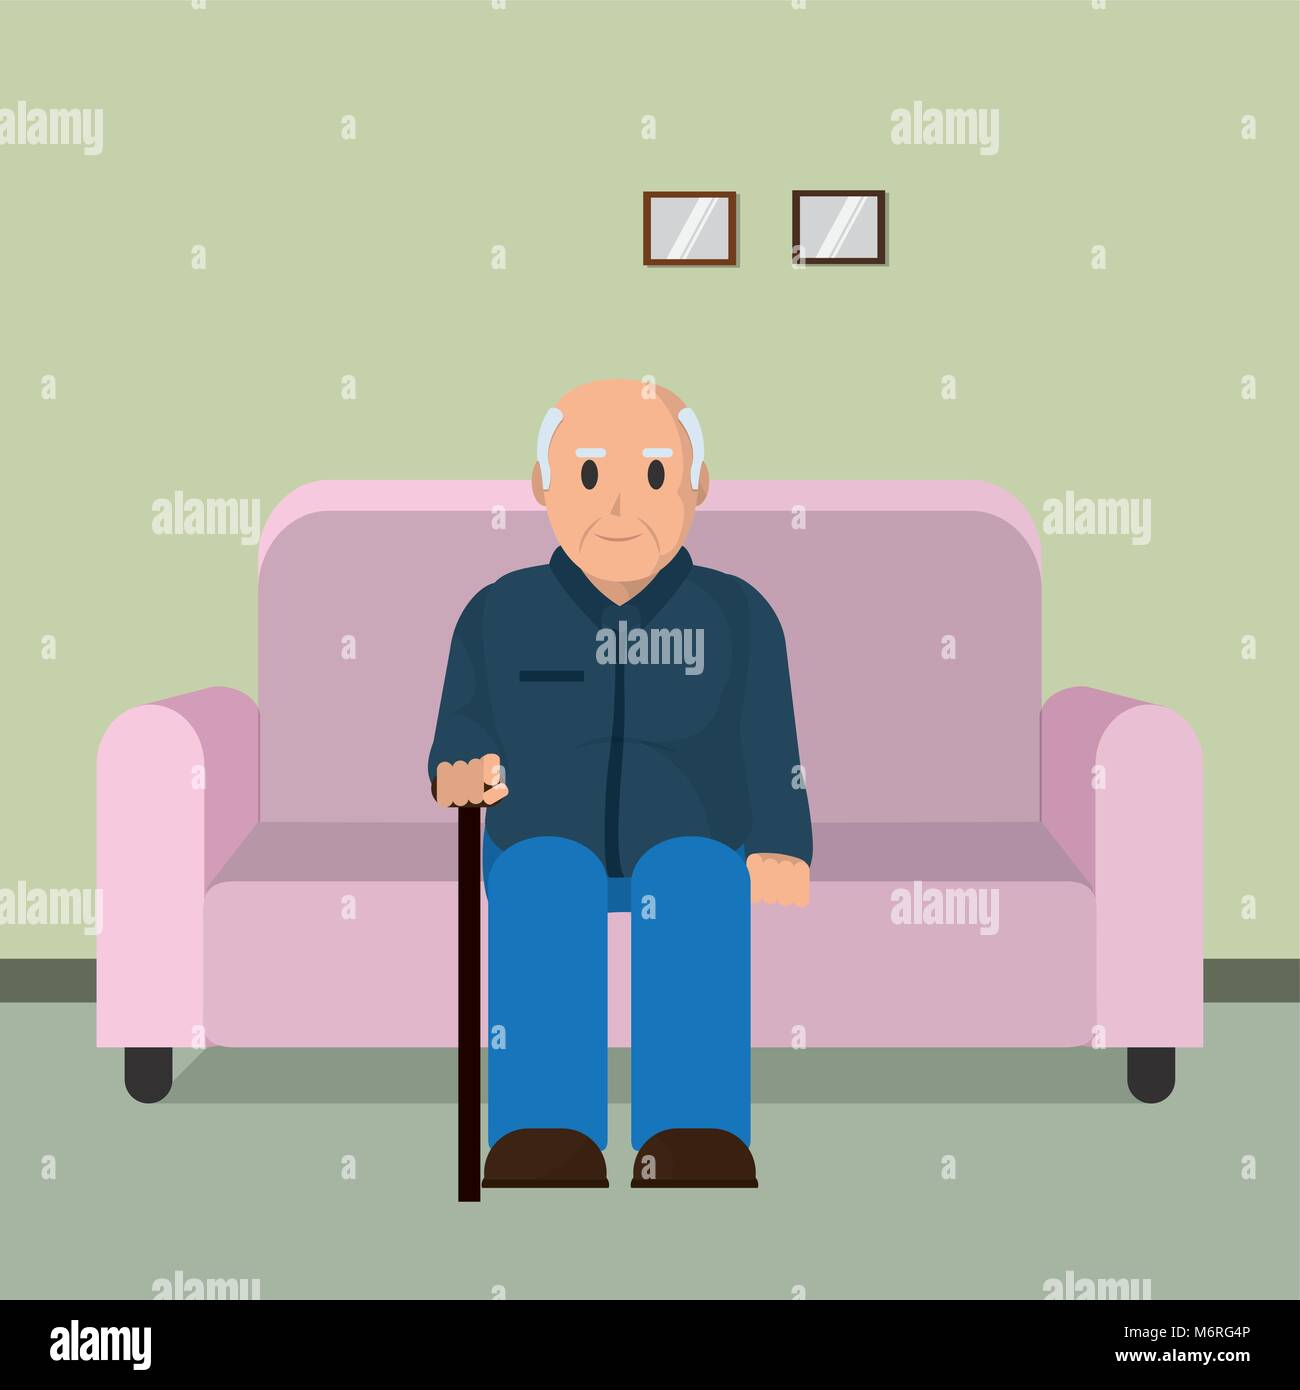 Nonno In Poltrona.Nonno Seduti Sulla Poltrona Illustrazione Vettoriale